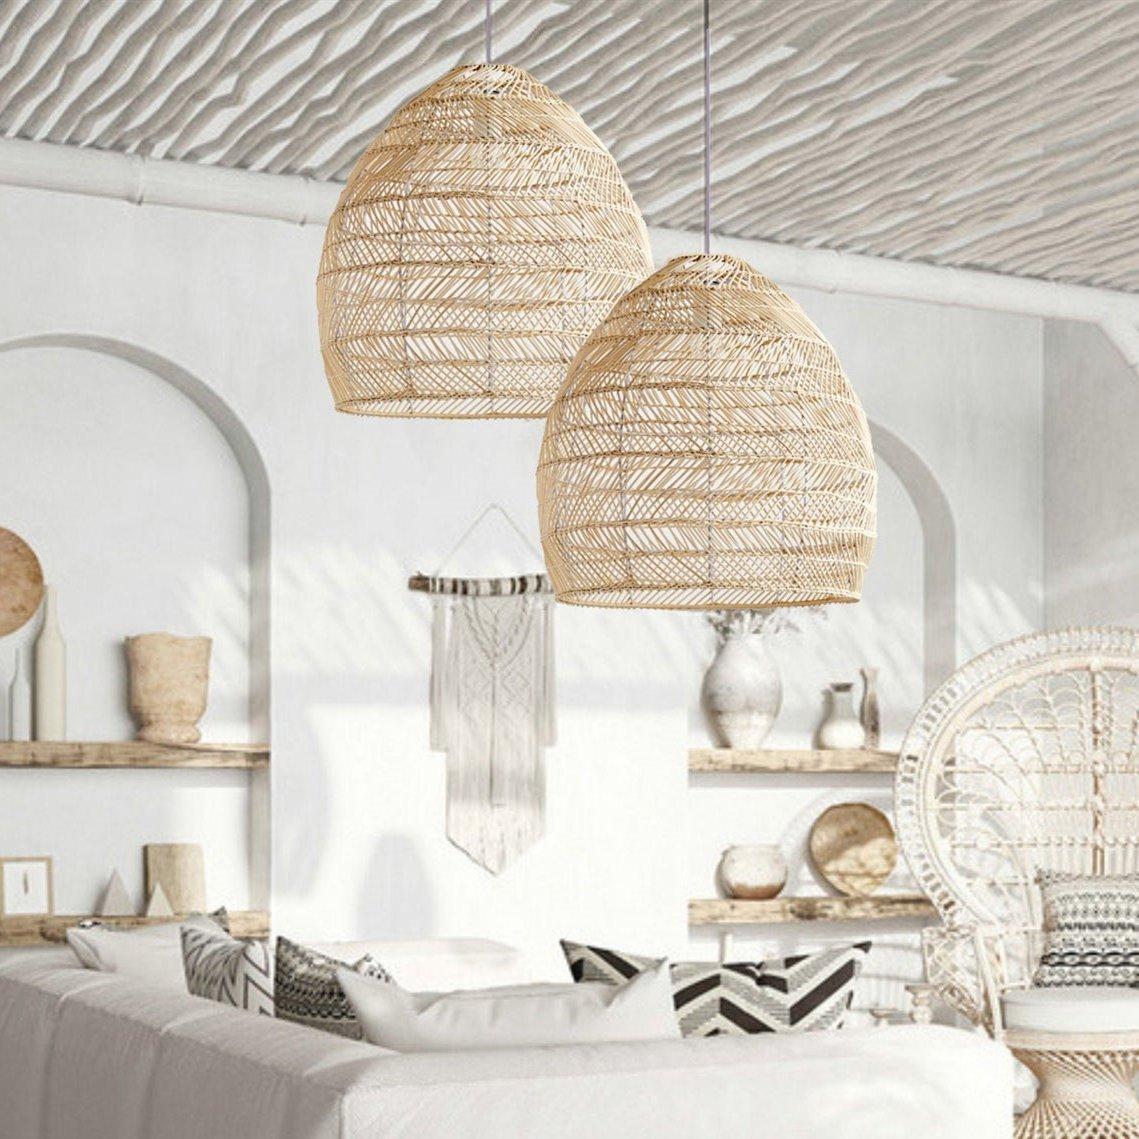 Rattan Woven Pendant Light Ideas